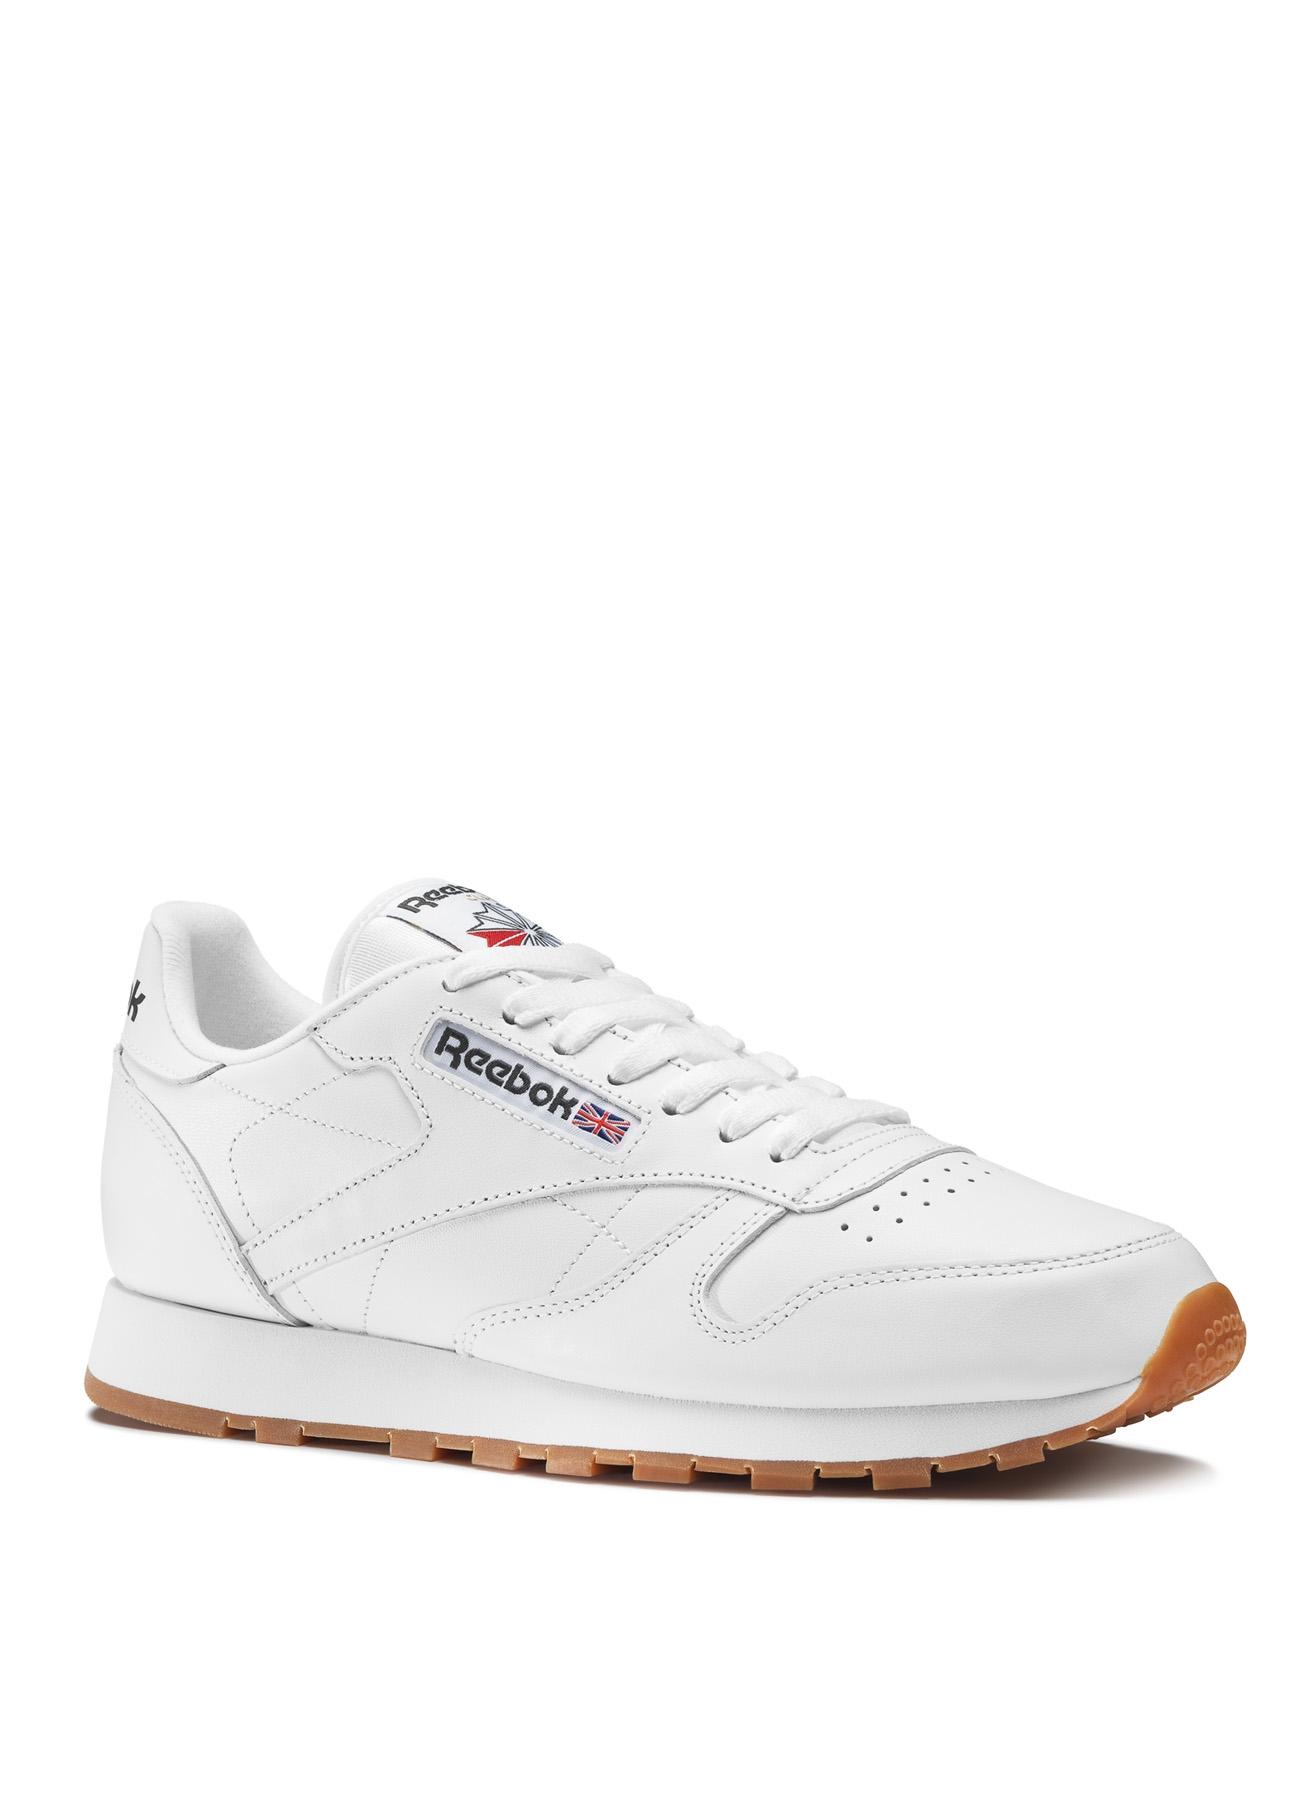 Reebok Classic Leather Koşu Ayakkabısı 40 5001897336008 Ürün Resmi